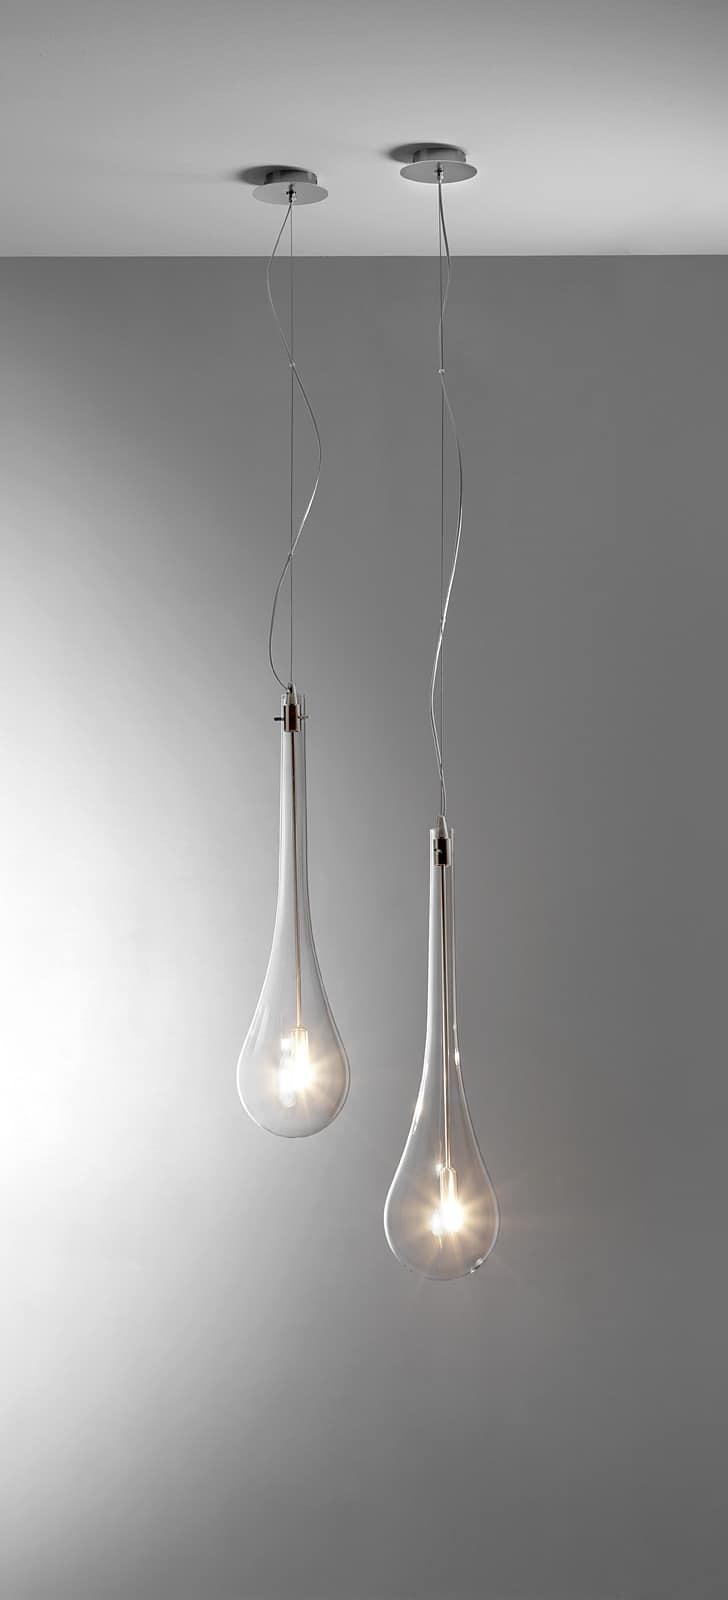 Lampade a forma di goccia da soffitto o parete idfdesign - Lampada bagno soffitto ...